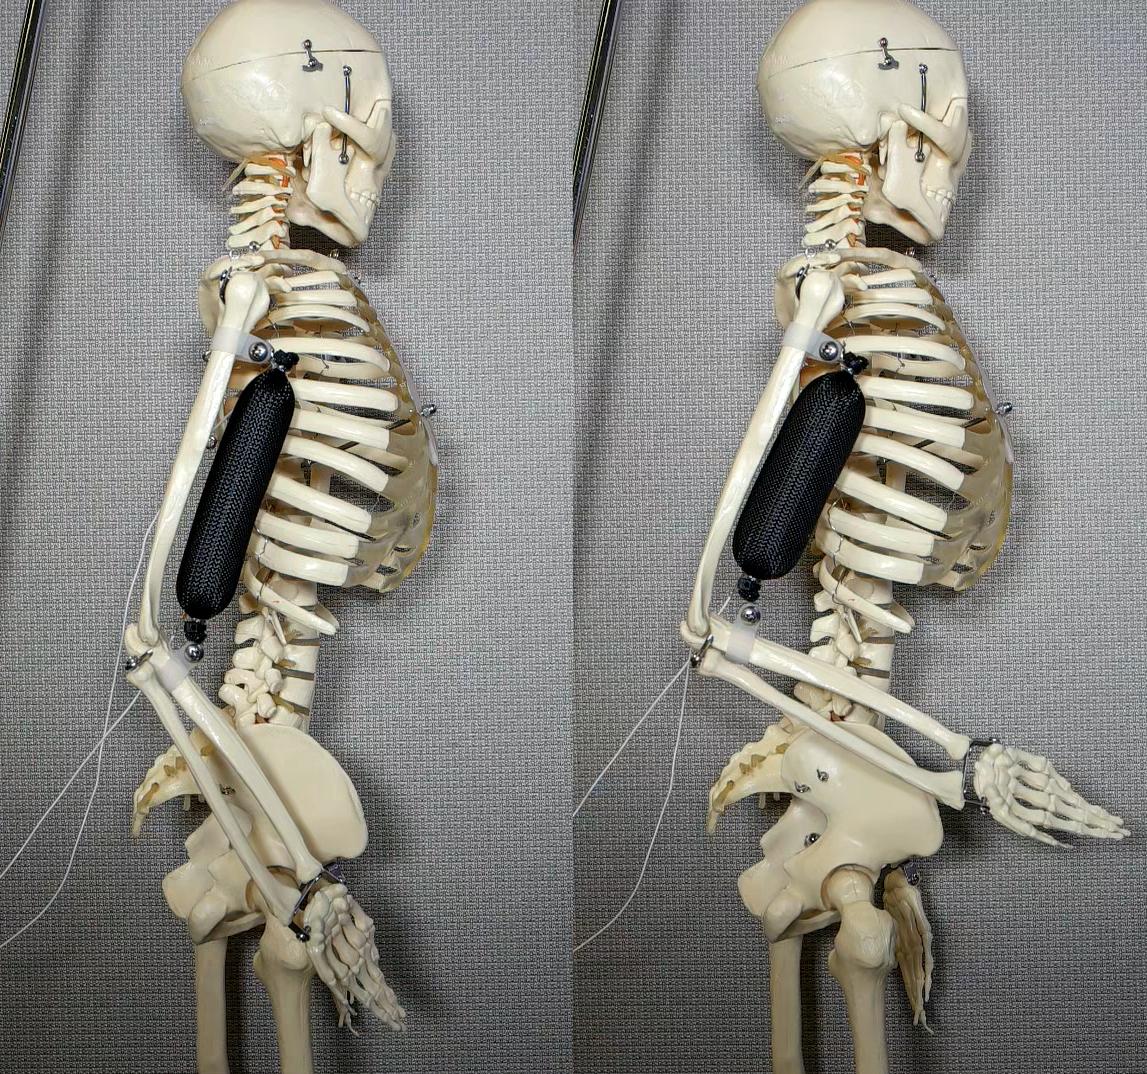 3Dプリンタで作る柔らかい人工筋肉、人間そっくりロボットに一歩前進